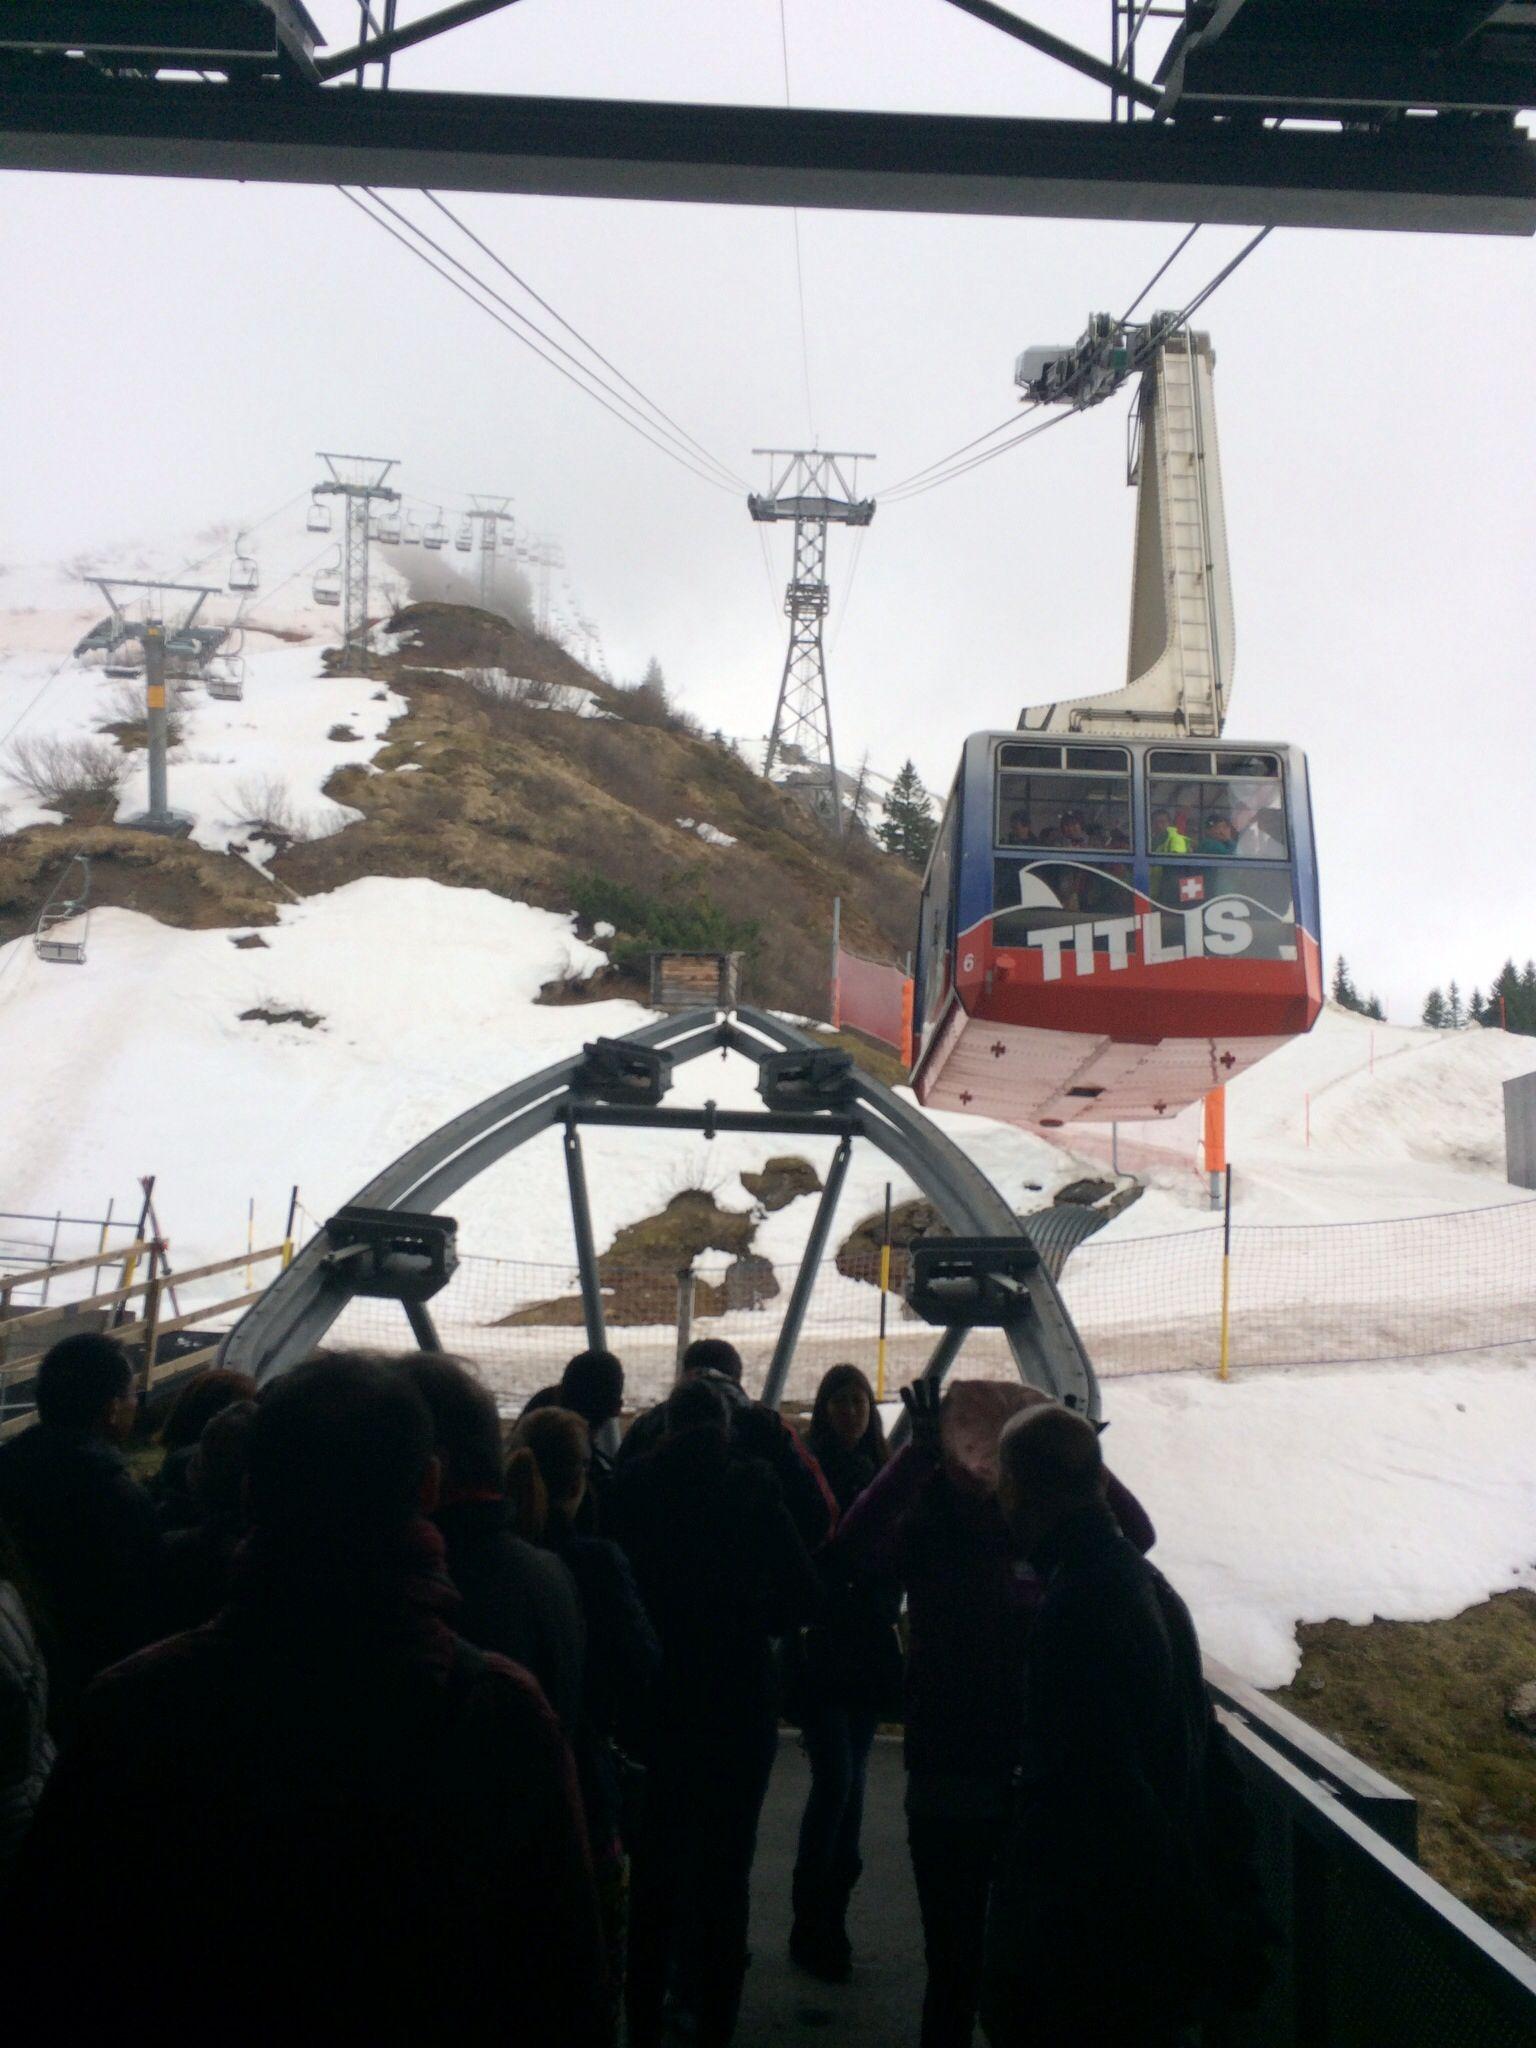 Titlis montaña suiza